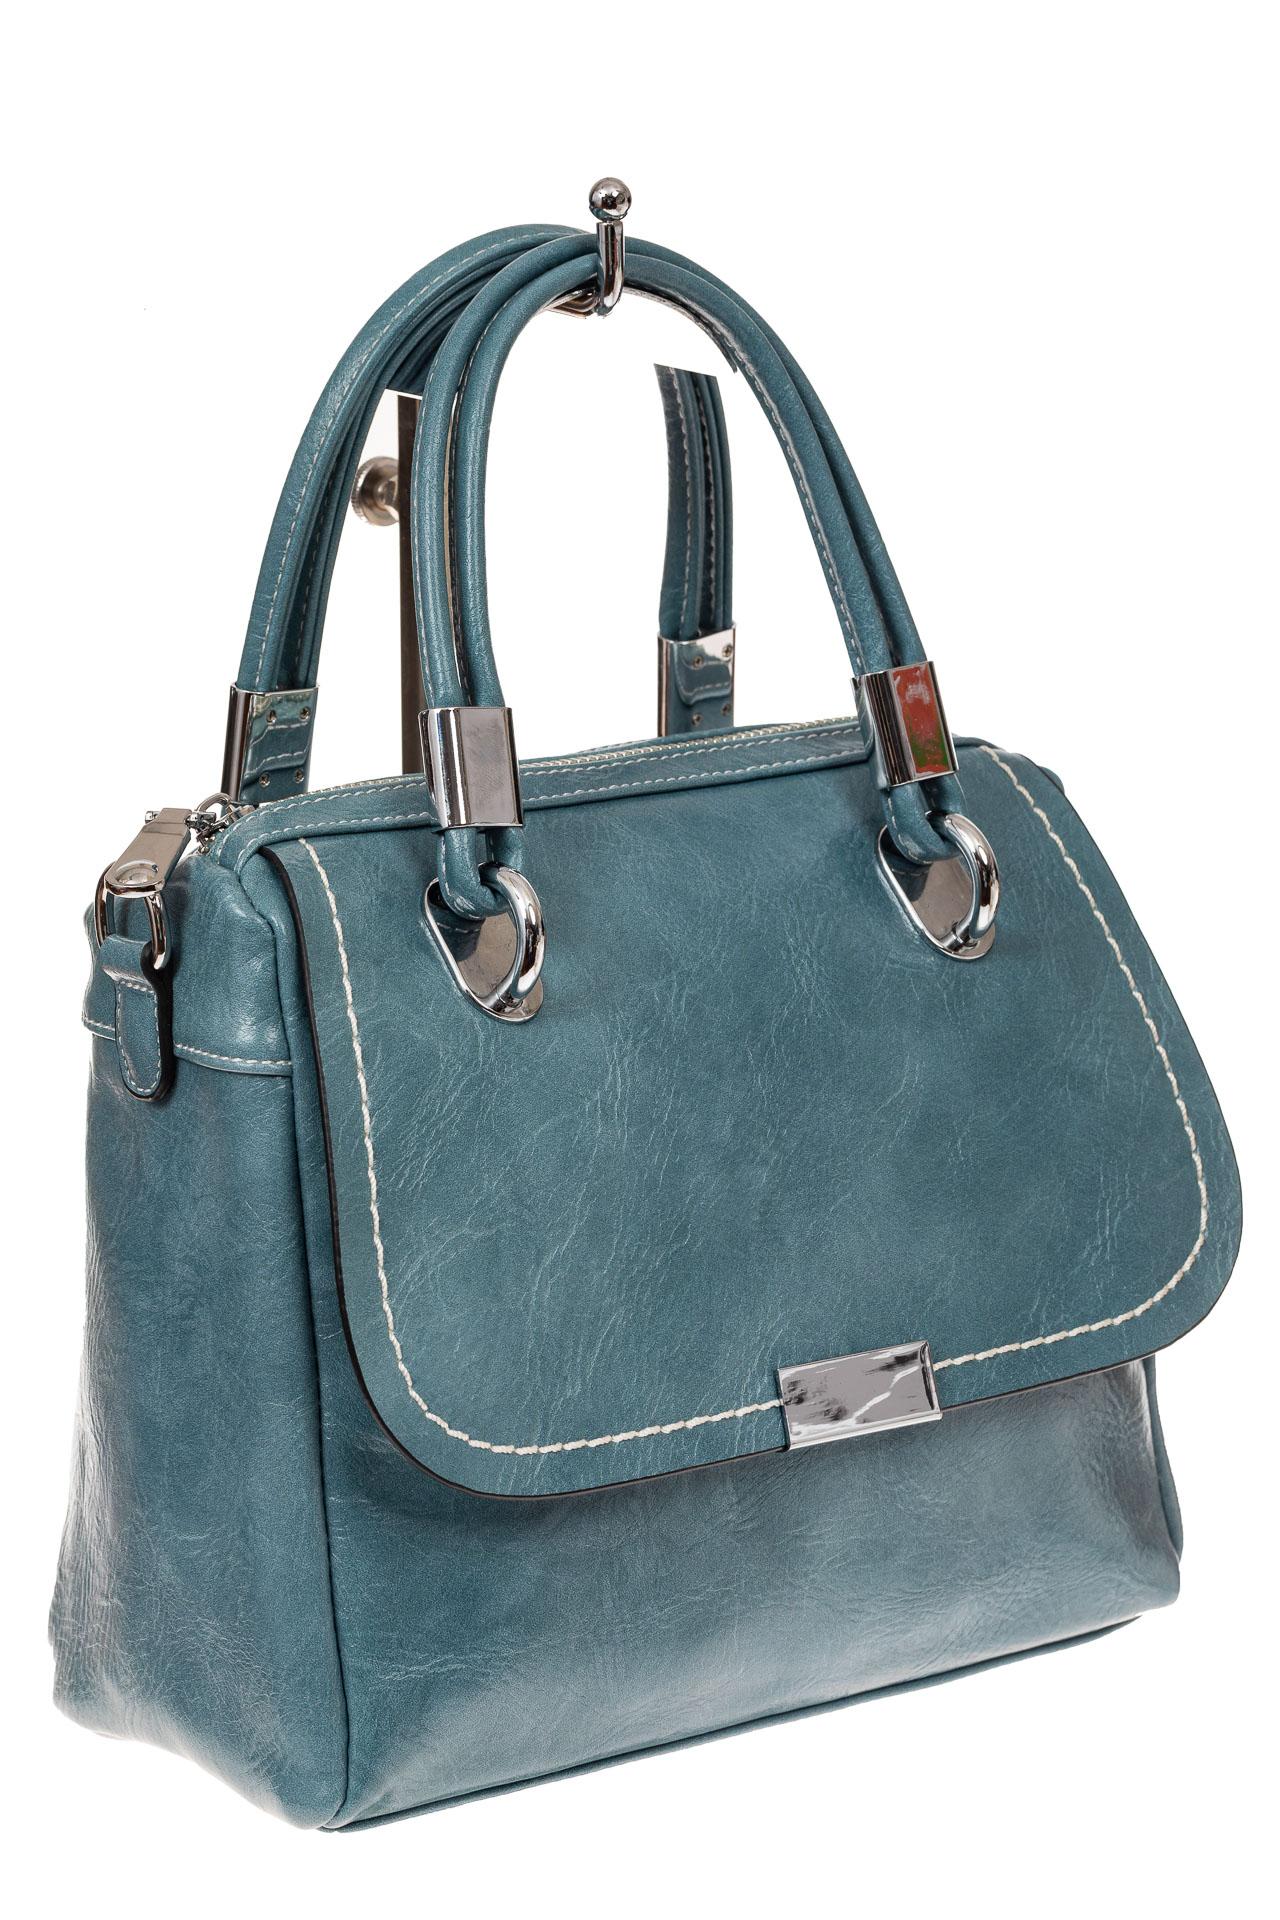 Летняя женская сумка из искусственной кожи, цвет голубой9251PM5/18